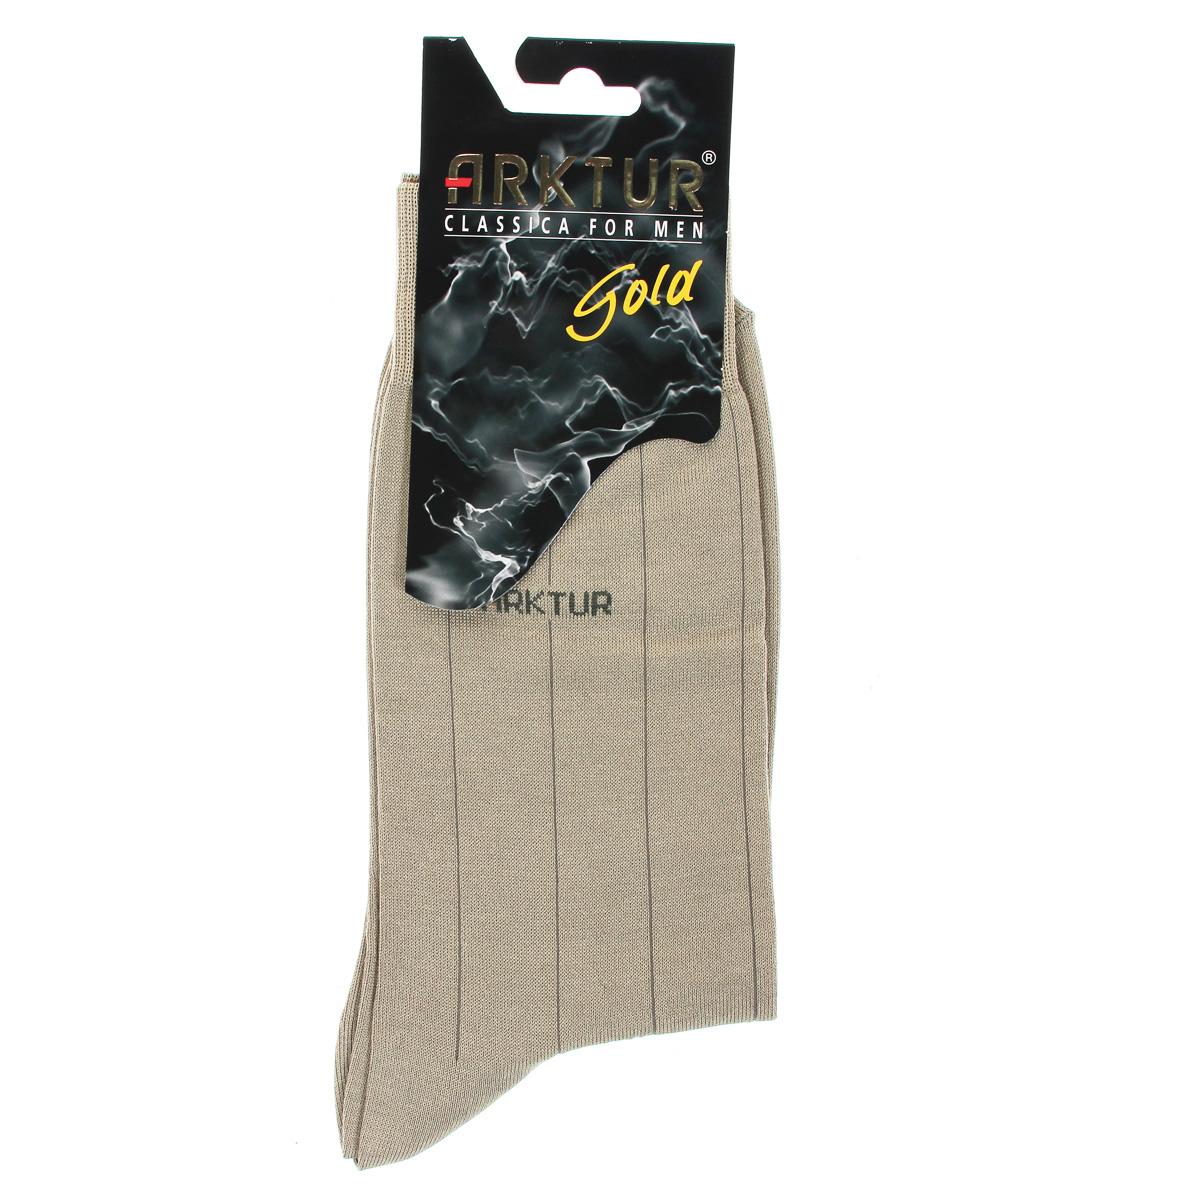 Носки мужские. Л151Л151_4Мужские носки Arktur престижного класса. Носки превосходного качества из мерсеризованного хлопка отличаются гладкой текстурой и шелковистостью, что создает приятное ощущение нежности и прохлады. Эргономичная резинка пресс-контроль комфортно облегает ногу. Носки обладают повышенной прочностью, не подвержены усадке. Усиленная пятка и мысок. Удлиненный паголенок. Идеальное сочетание практичности, комфорта и элегантности!